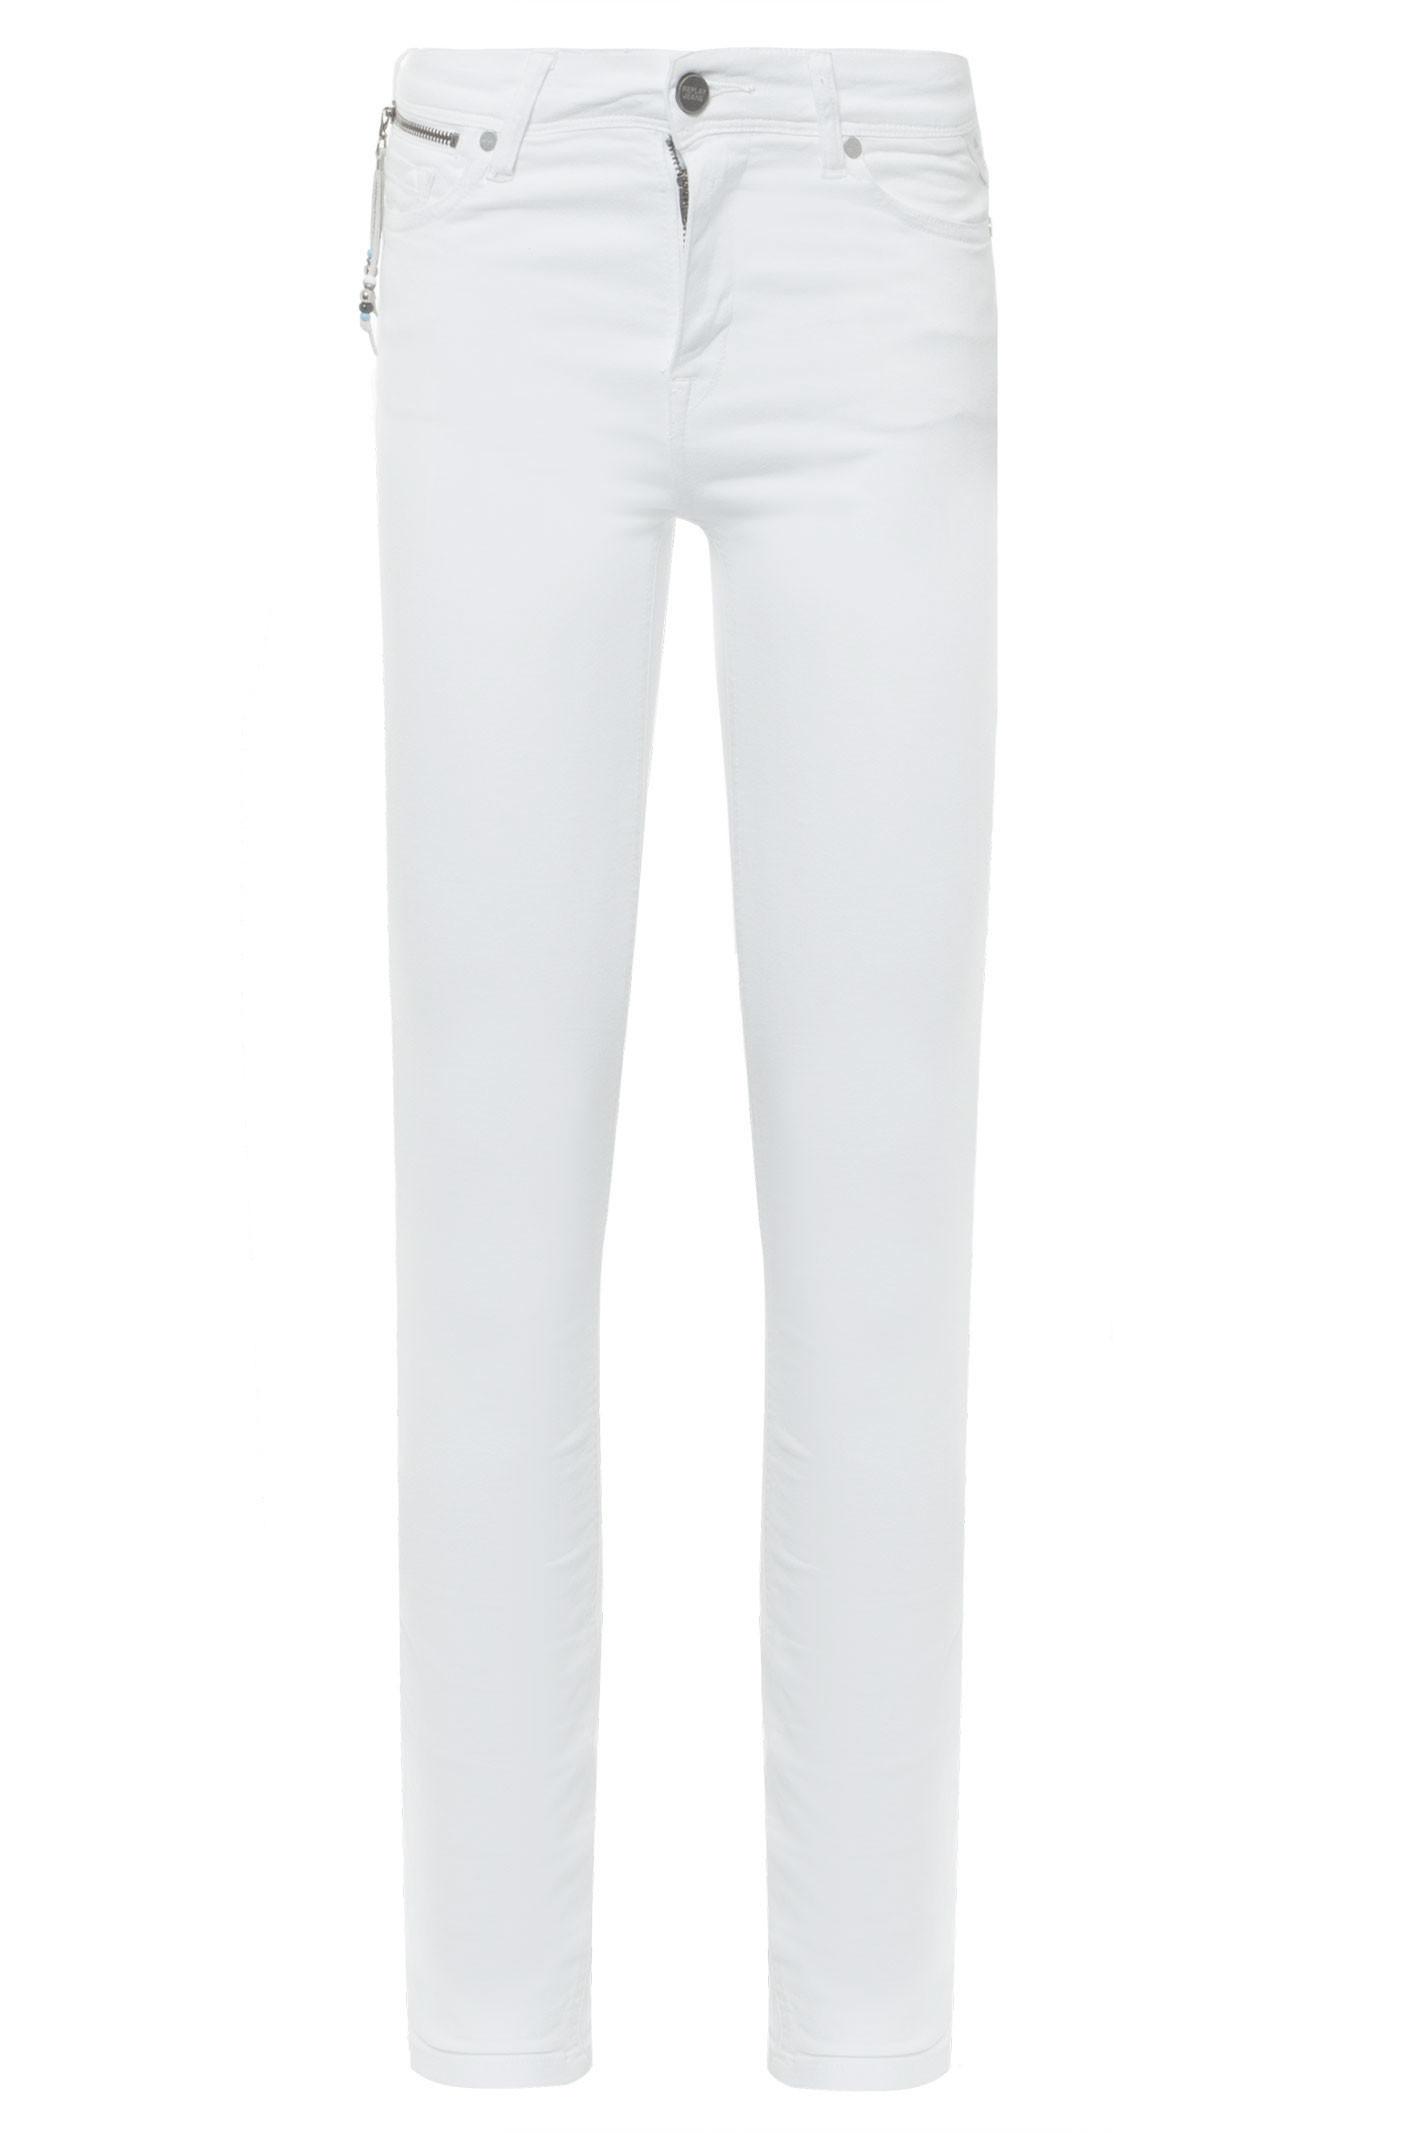 Calça Jeans Luz Skinny - Branco